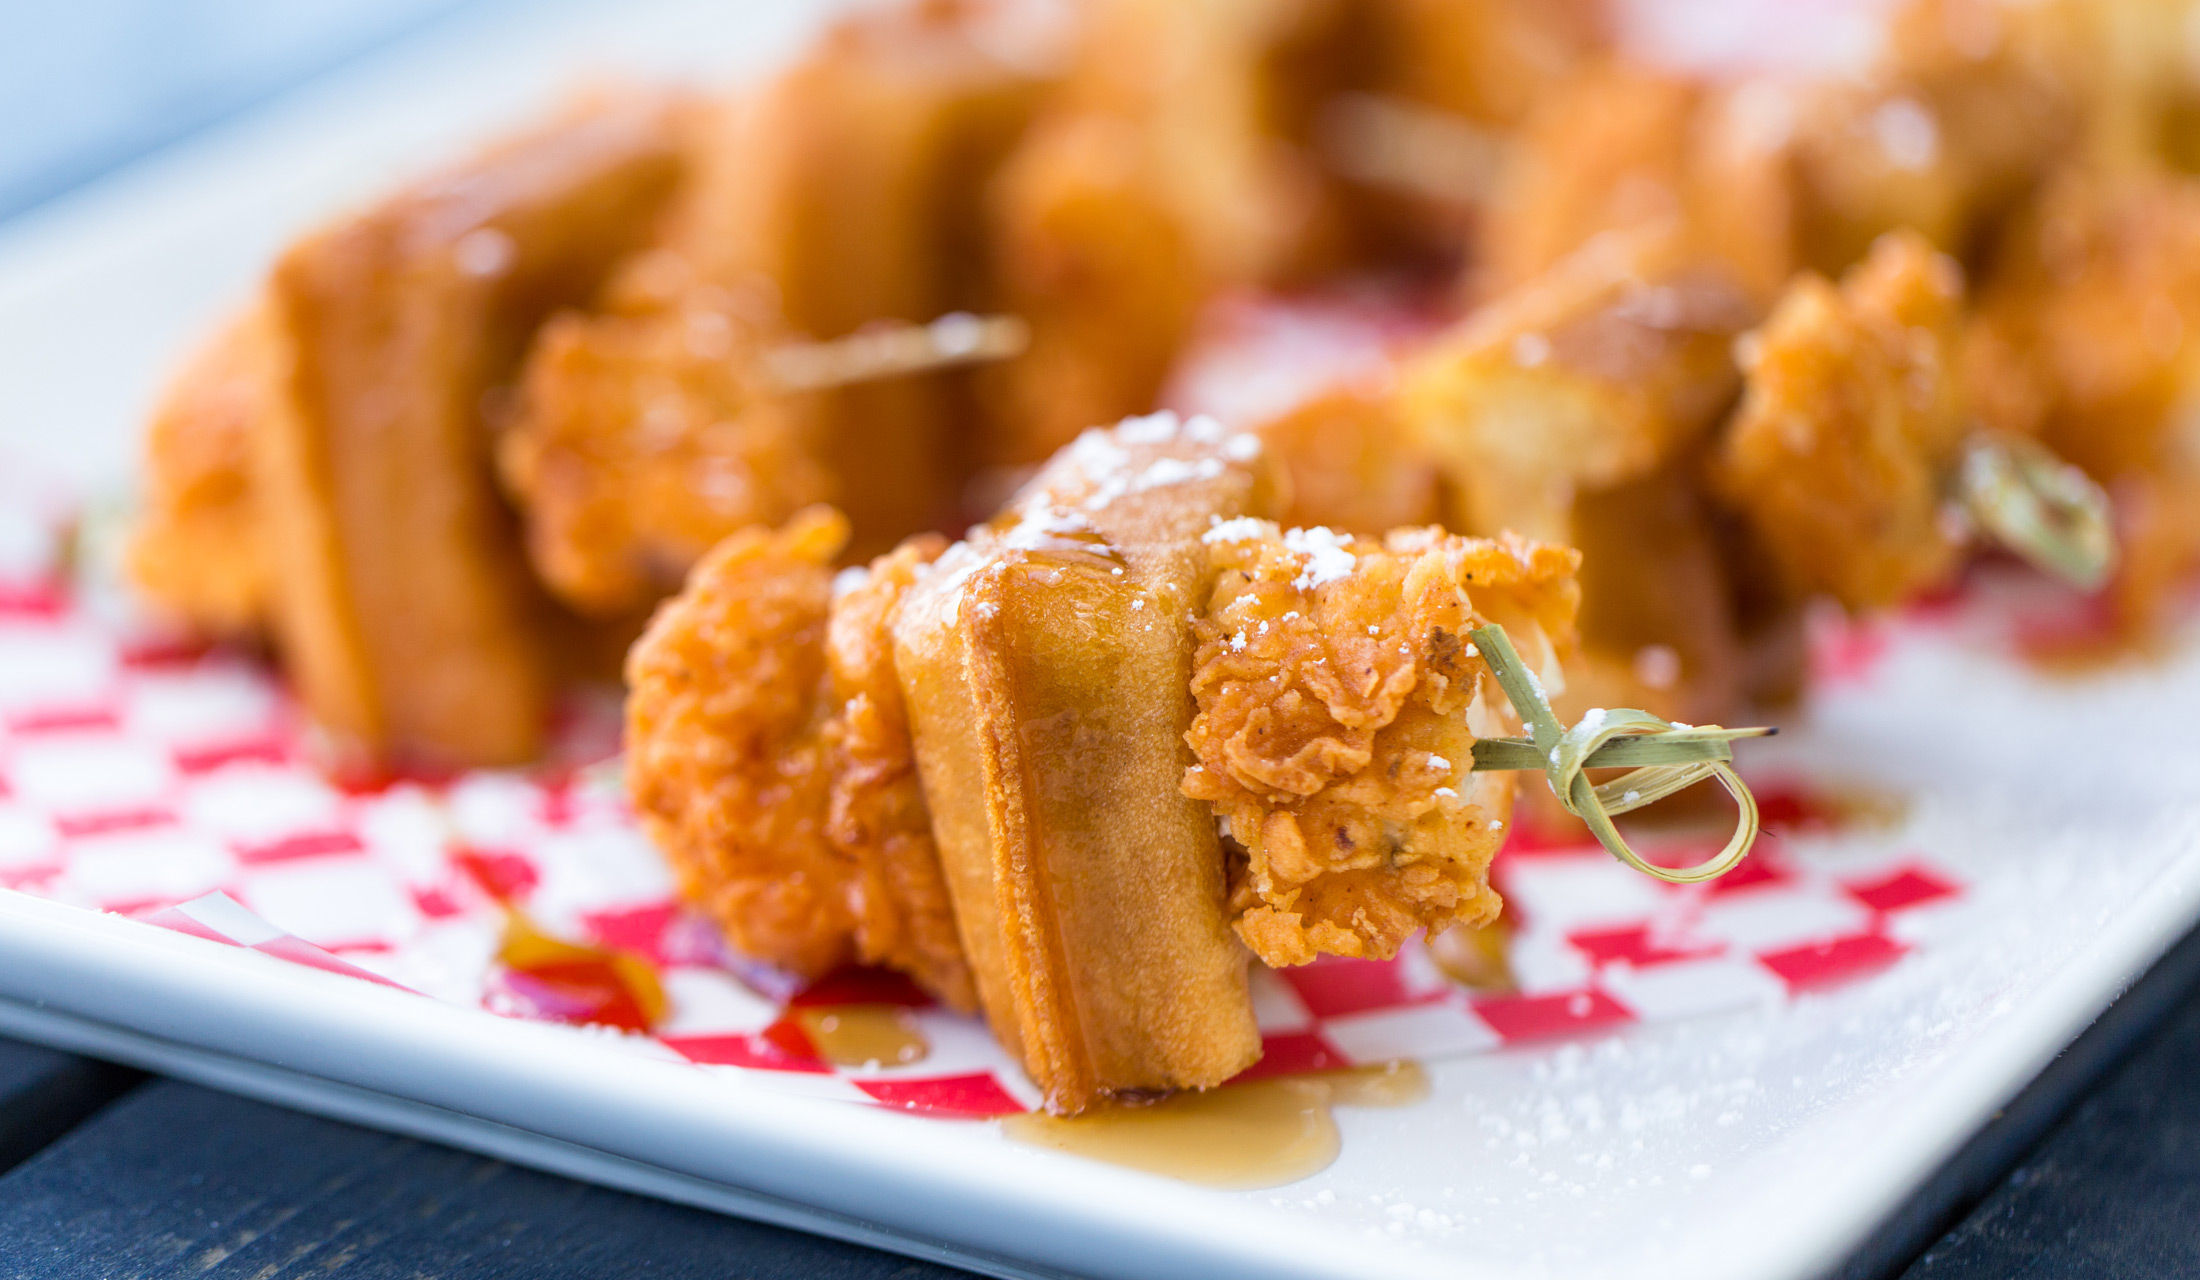 Chicken waffle bites